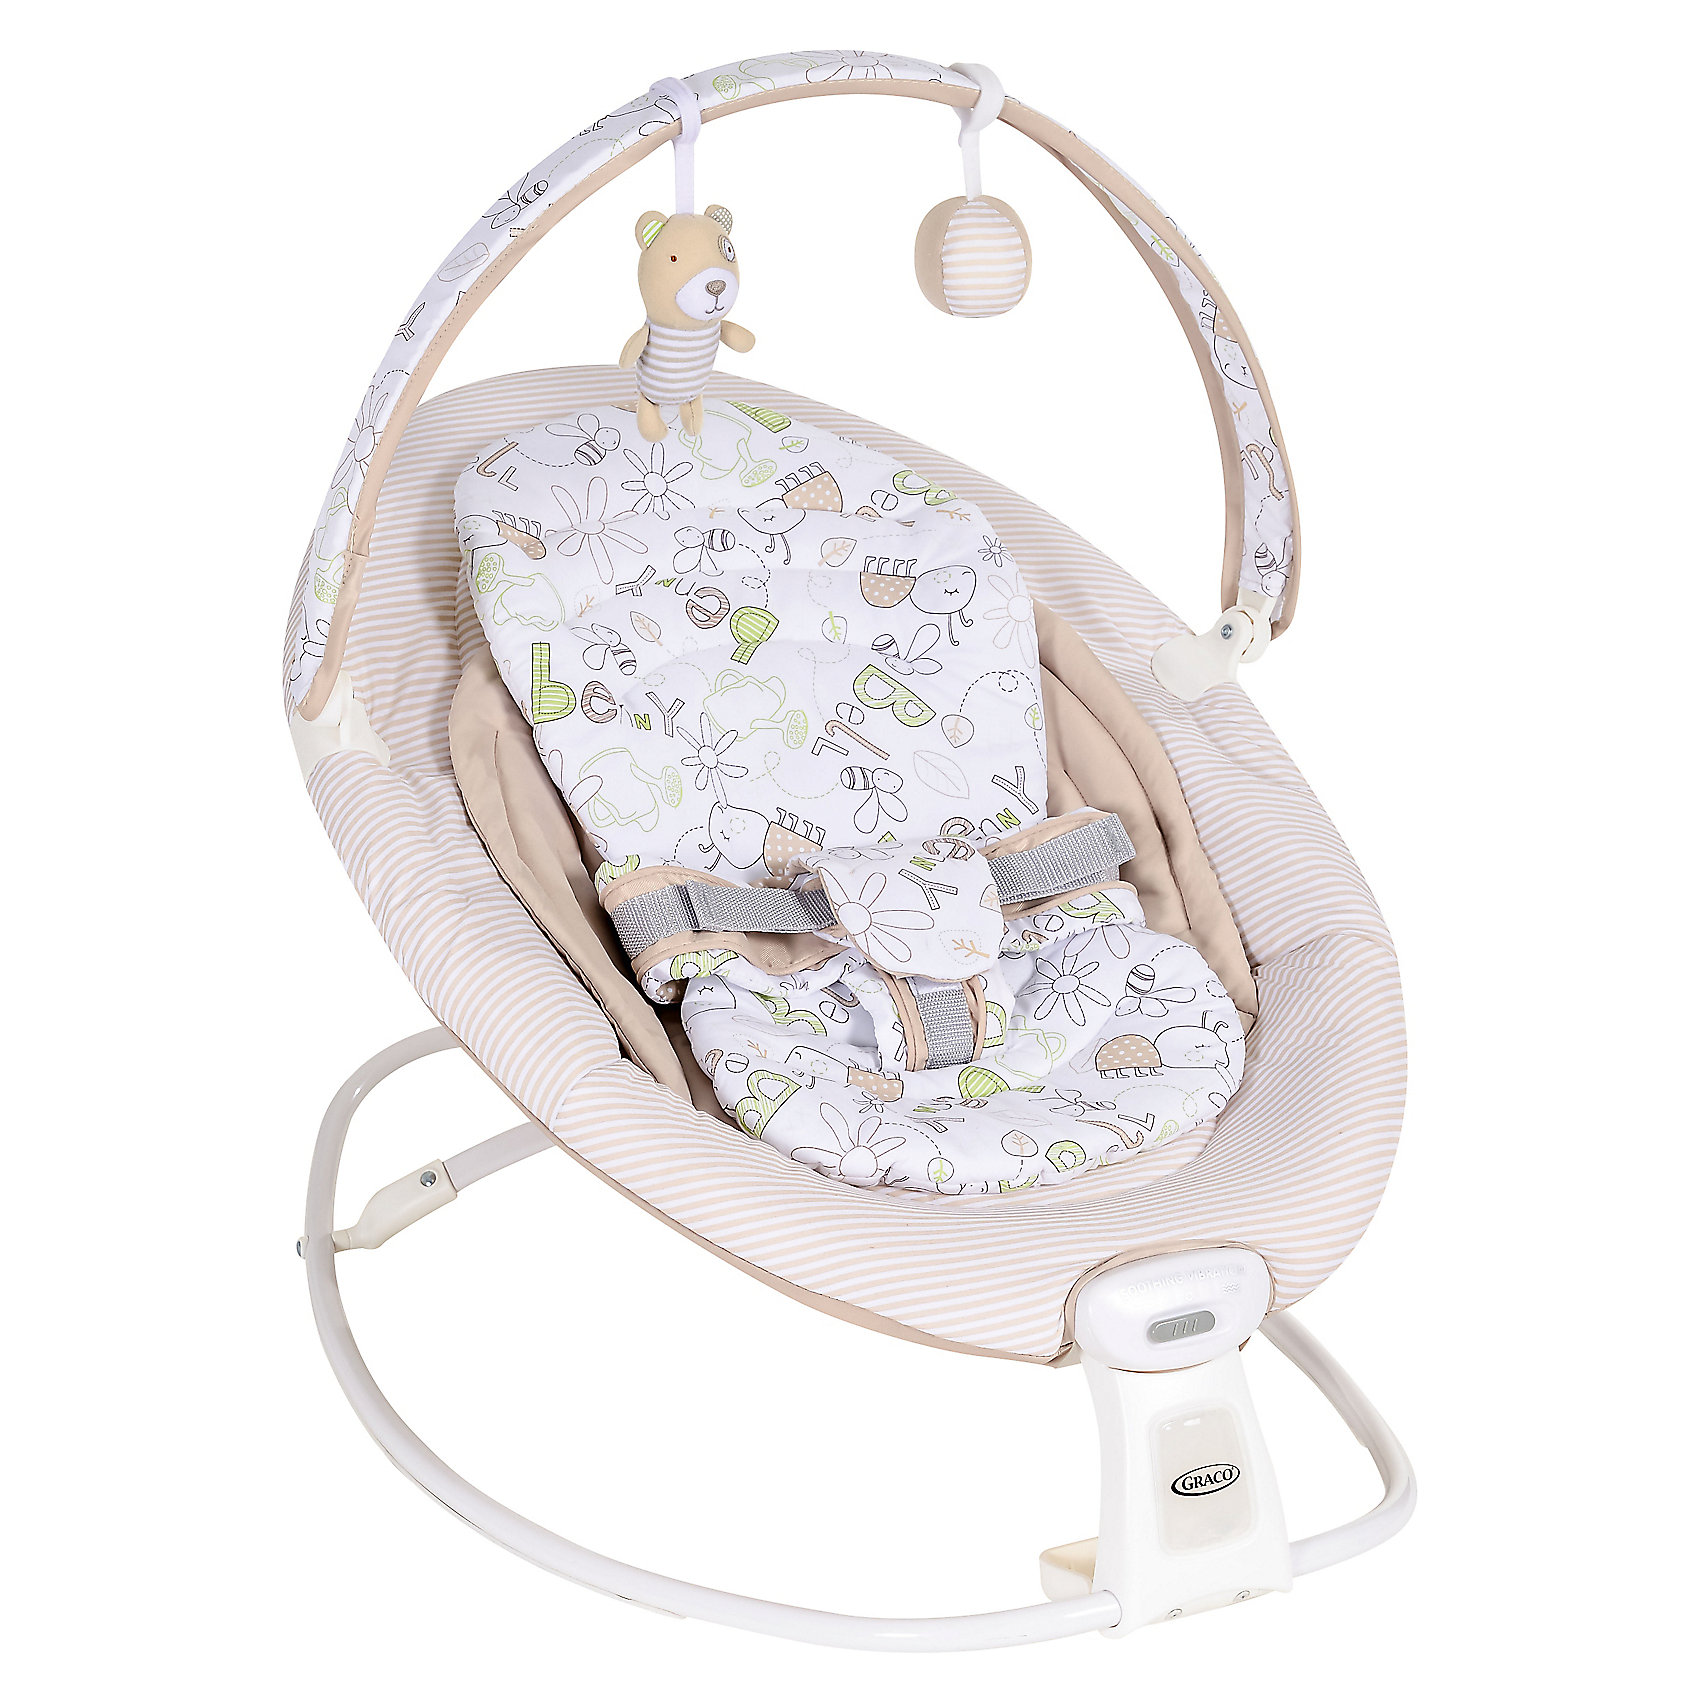 Кресло-качалка Duet Rocker, Graco, Benny and Bell, бежевыйКресла-качалки<br>Характеристики: <br><br>• электрокачели предназначены для детей весом до 11 кг;<br>• 2 варианта использования: кресло-качалка и шезлонг с вибрацией;<br>• электронный тип качания;<br>• 2 режима вибрации;<br>• 2 положения наклона спинки;<br>• имеется 2 скорости качания;<br>• система 5-ти точечных ремней безопасности;<br>• на мягкой дуге подвешены развивающие игрушки;<br>• чехлы снимаются и стираются при температуре 30 градусов;<br>• качалка компактно складывается;<br>• в комплекте ортопедический матрасик и сумка для переноски;<br>• батарейки: 2 шт. типа АА;<br>• батарейки приобретаются отдельно;<br>• размер: 64х58х85 см;<br>• вес: 3,7 кг<br>• вес в упаковке: 4,4 кг.<br><br>Кресло-качалка Duet Rocker, Graco, Benny and Bell, бежевый можно купить в нашем интернет-магазине.<br><br>Ширина мм: 640<br>Глубина мм: 580<br>Высота мм: 850<br>Вес г: 4000<br>Возраст от месяцев: 0<br>Возраст до месяцев: 12<br>Пол: Унисекс<br>Возраст: Детский<br>SKU: 6757375